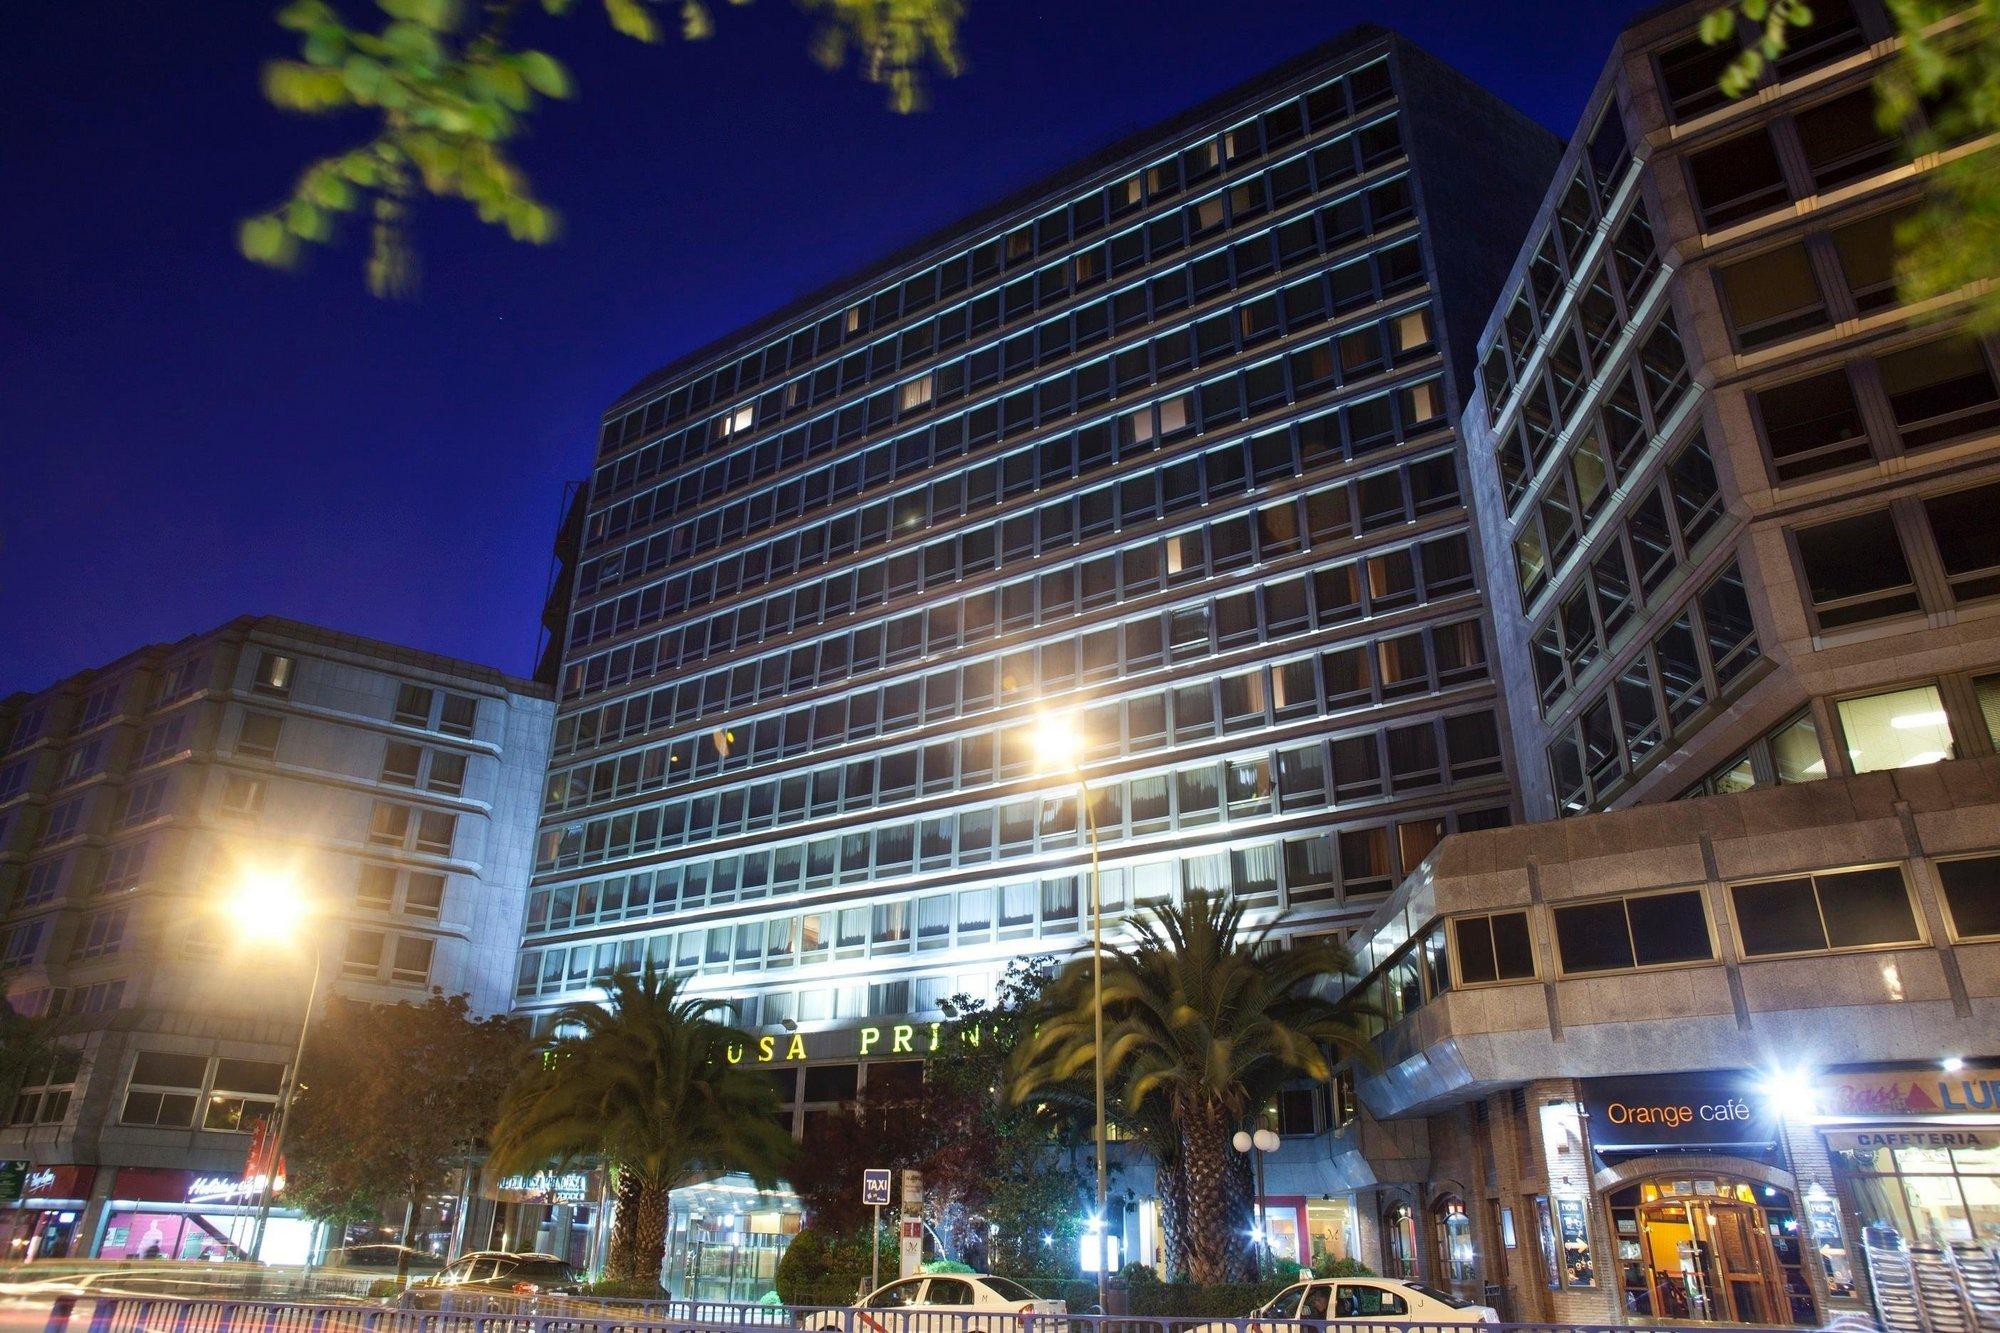 La cadena Husa fusiona sus dos hoteles madrileños »Princesa» y »Moncloa», que suman así un total de 423 habitaciones